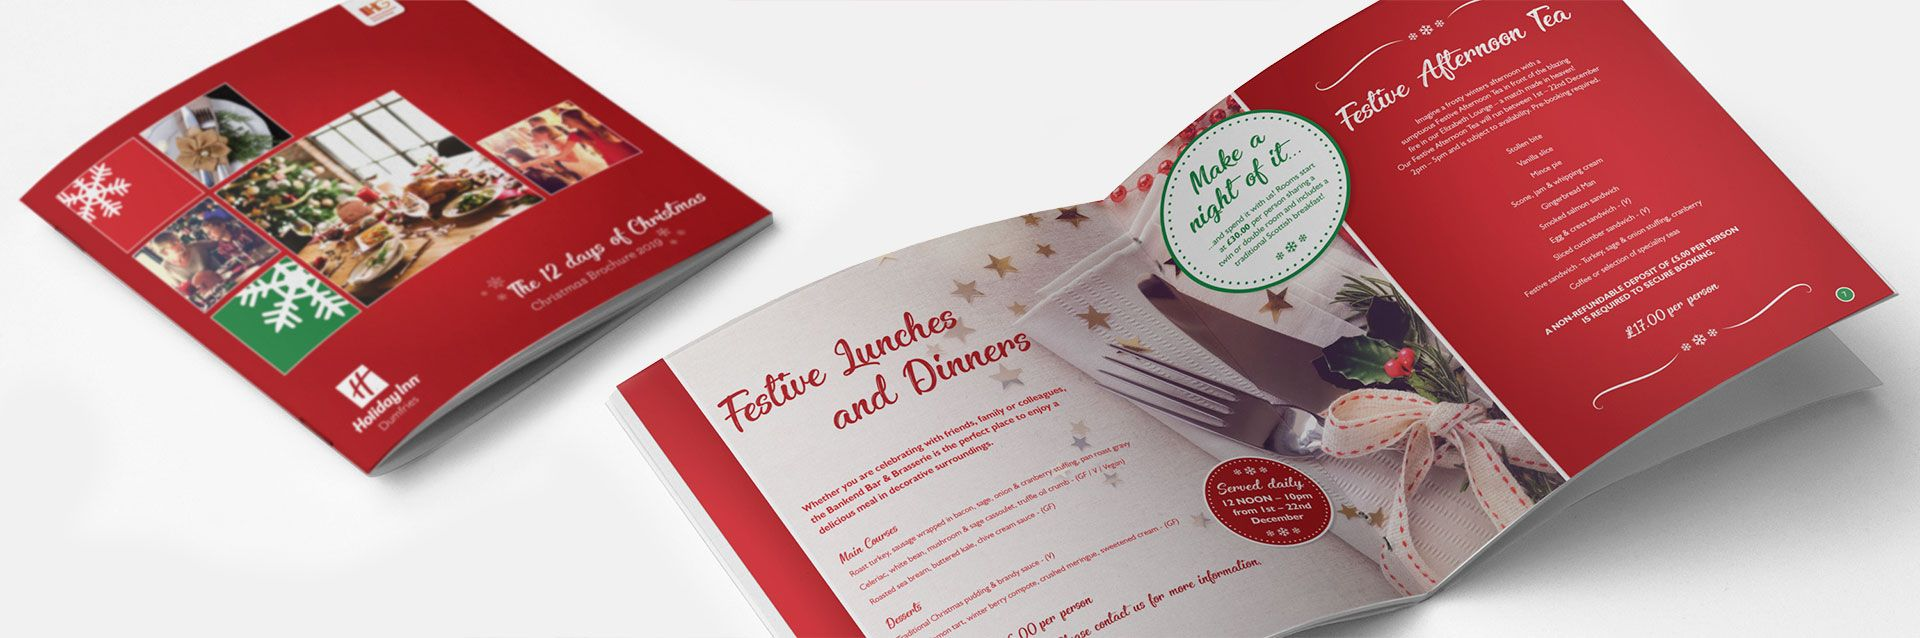 Holiday Inn Christmas Brochure